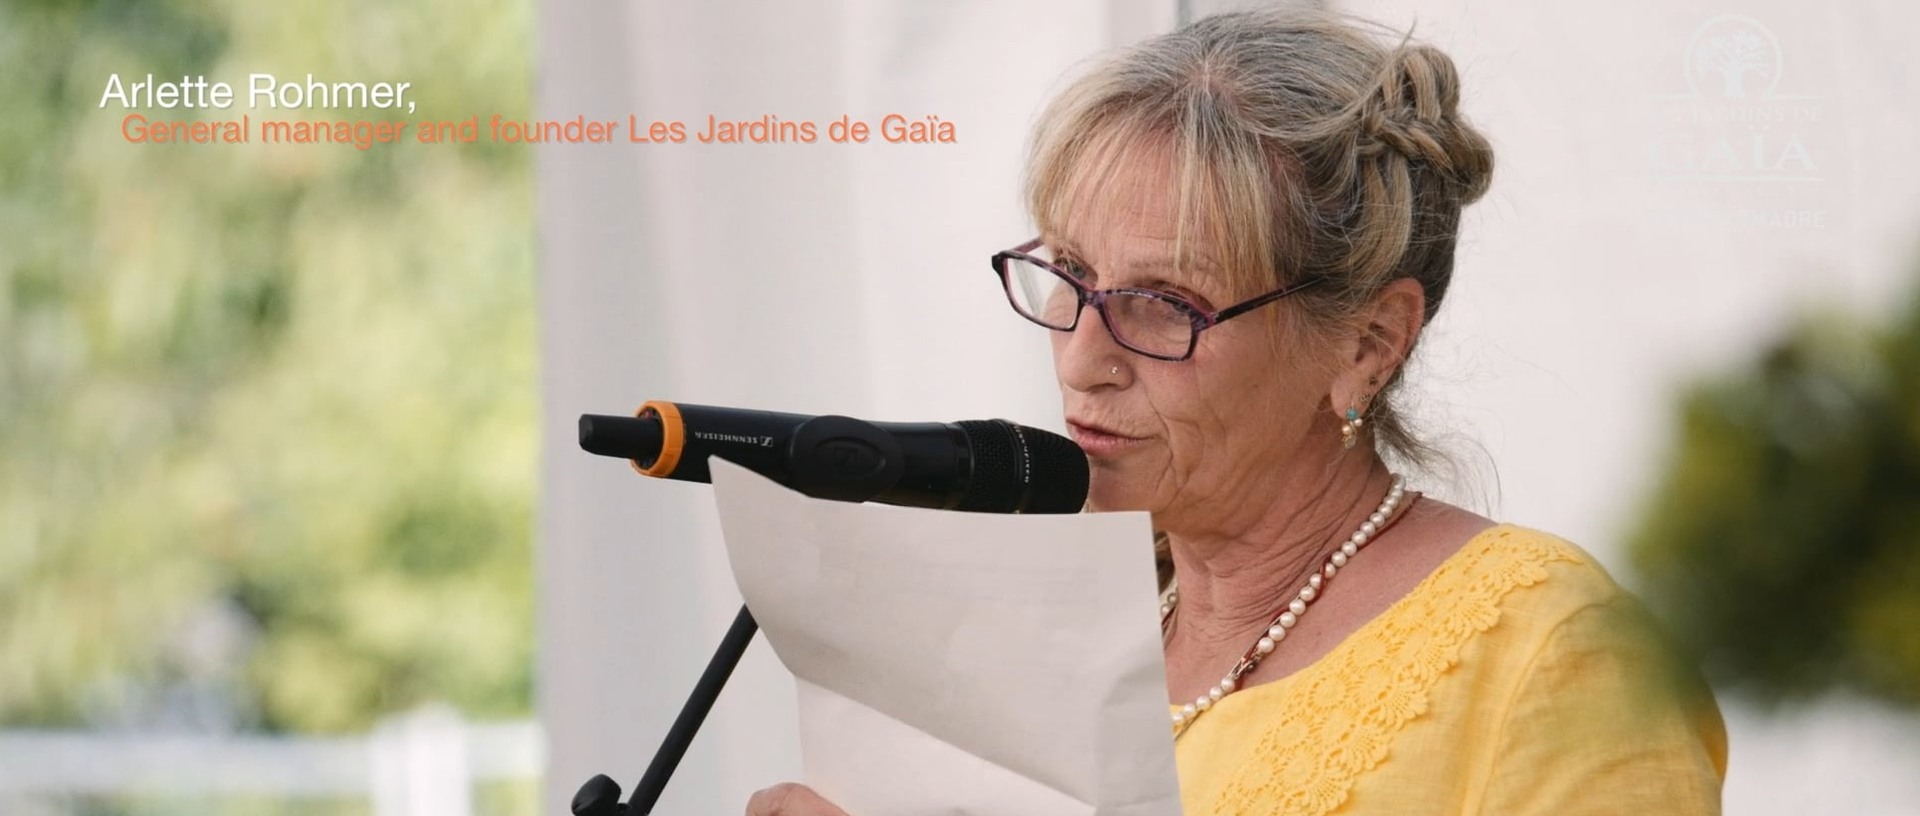 Les 25 ans des Jardins de Gaïa